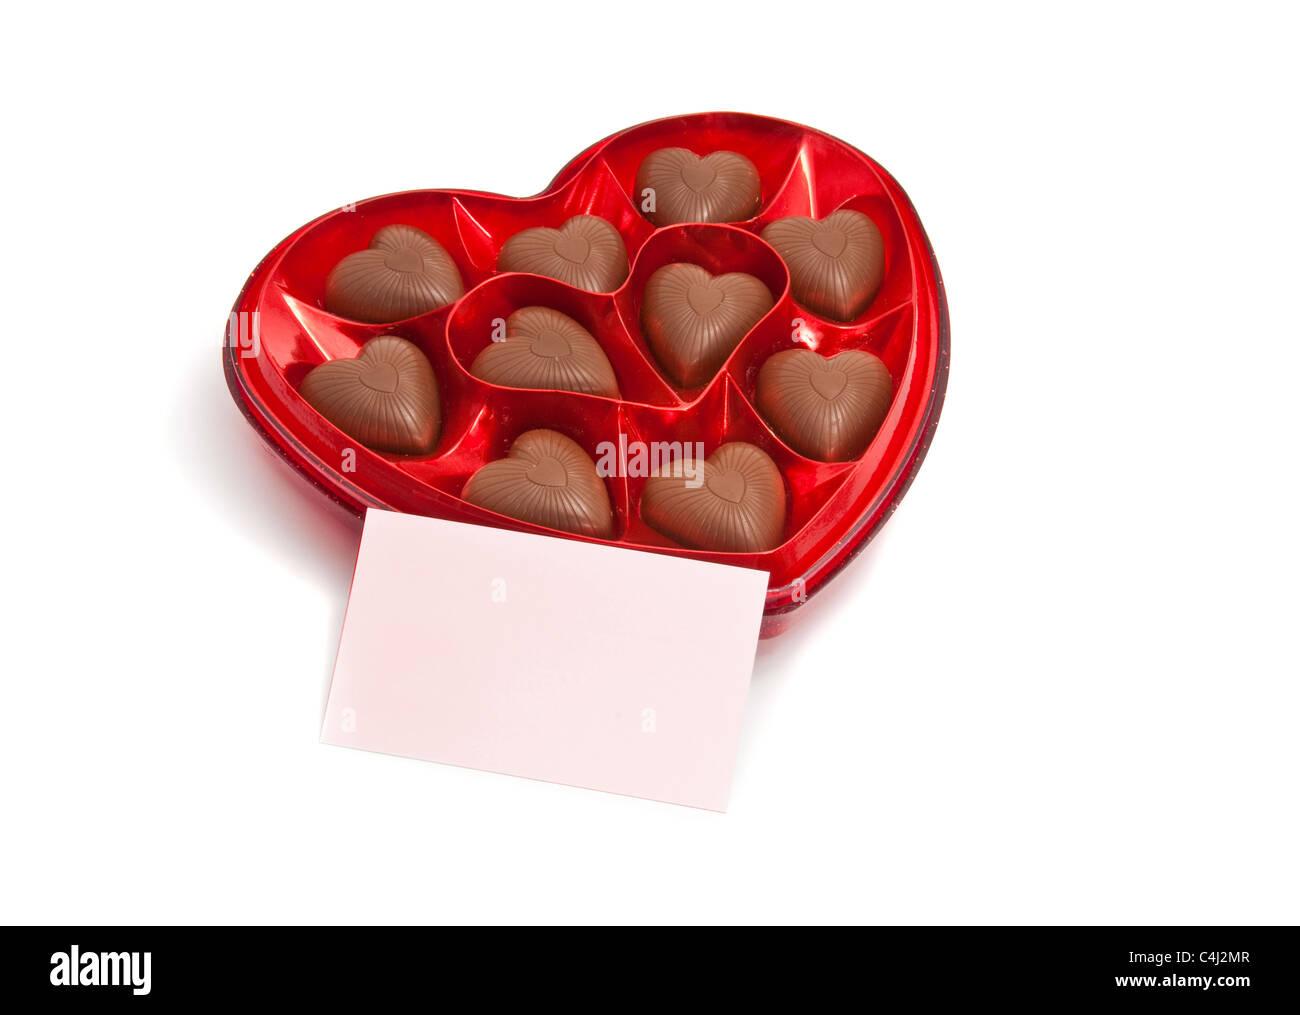 Cuore di cioccolato forma su sfondo bianco con scheda messaggio Immagini Stock